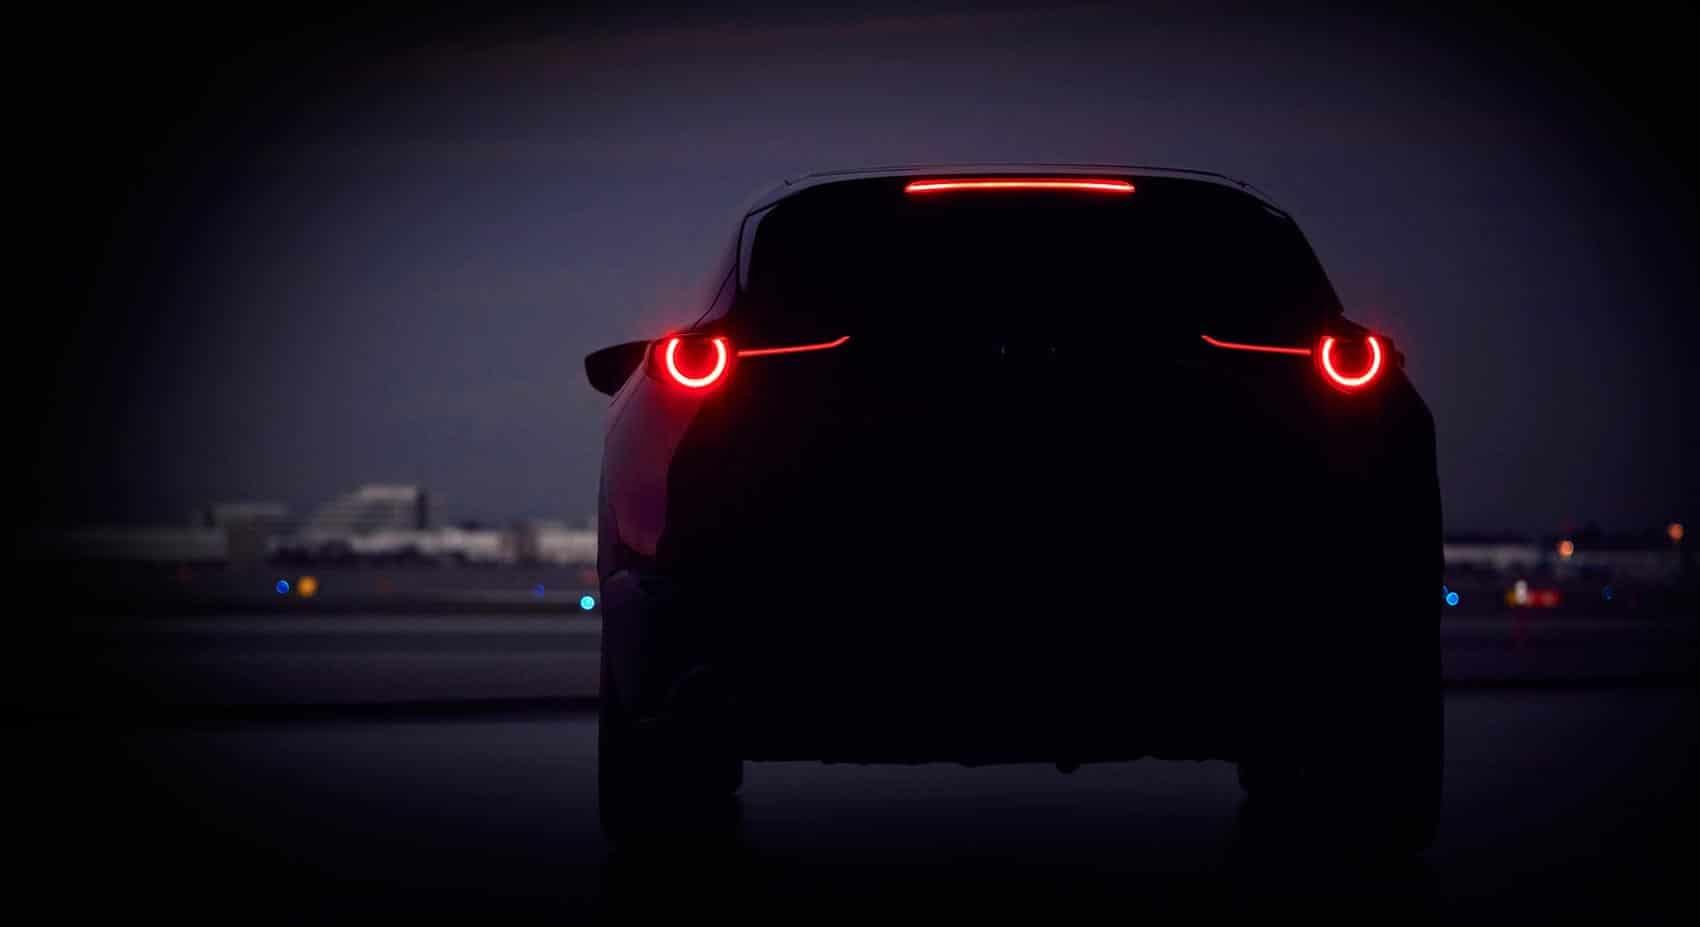 Mazda SUV Geneva Auto Show